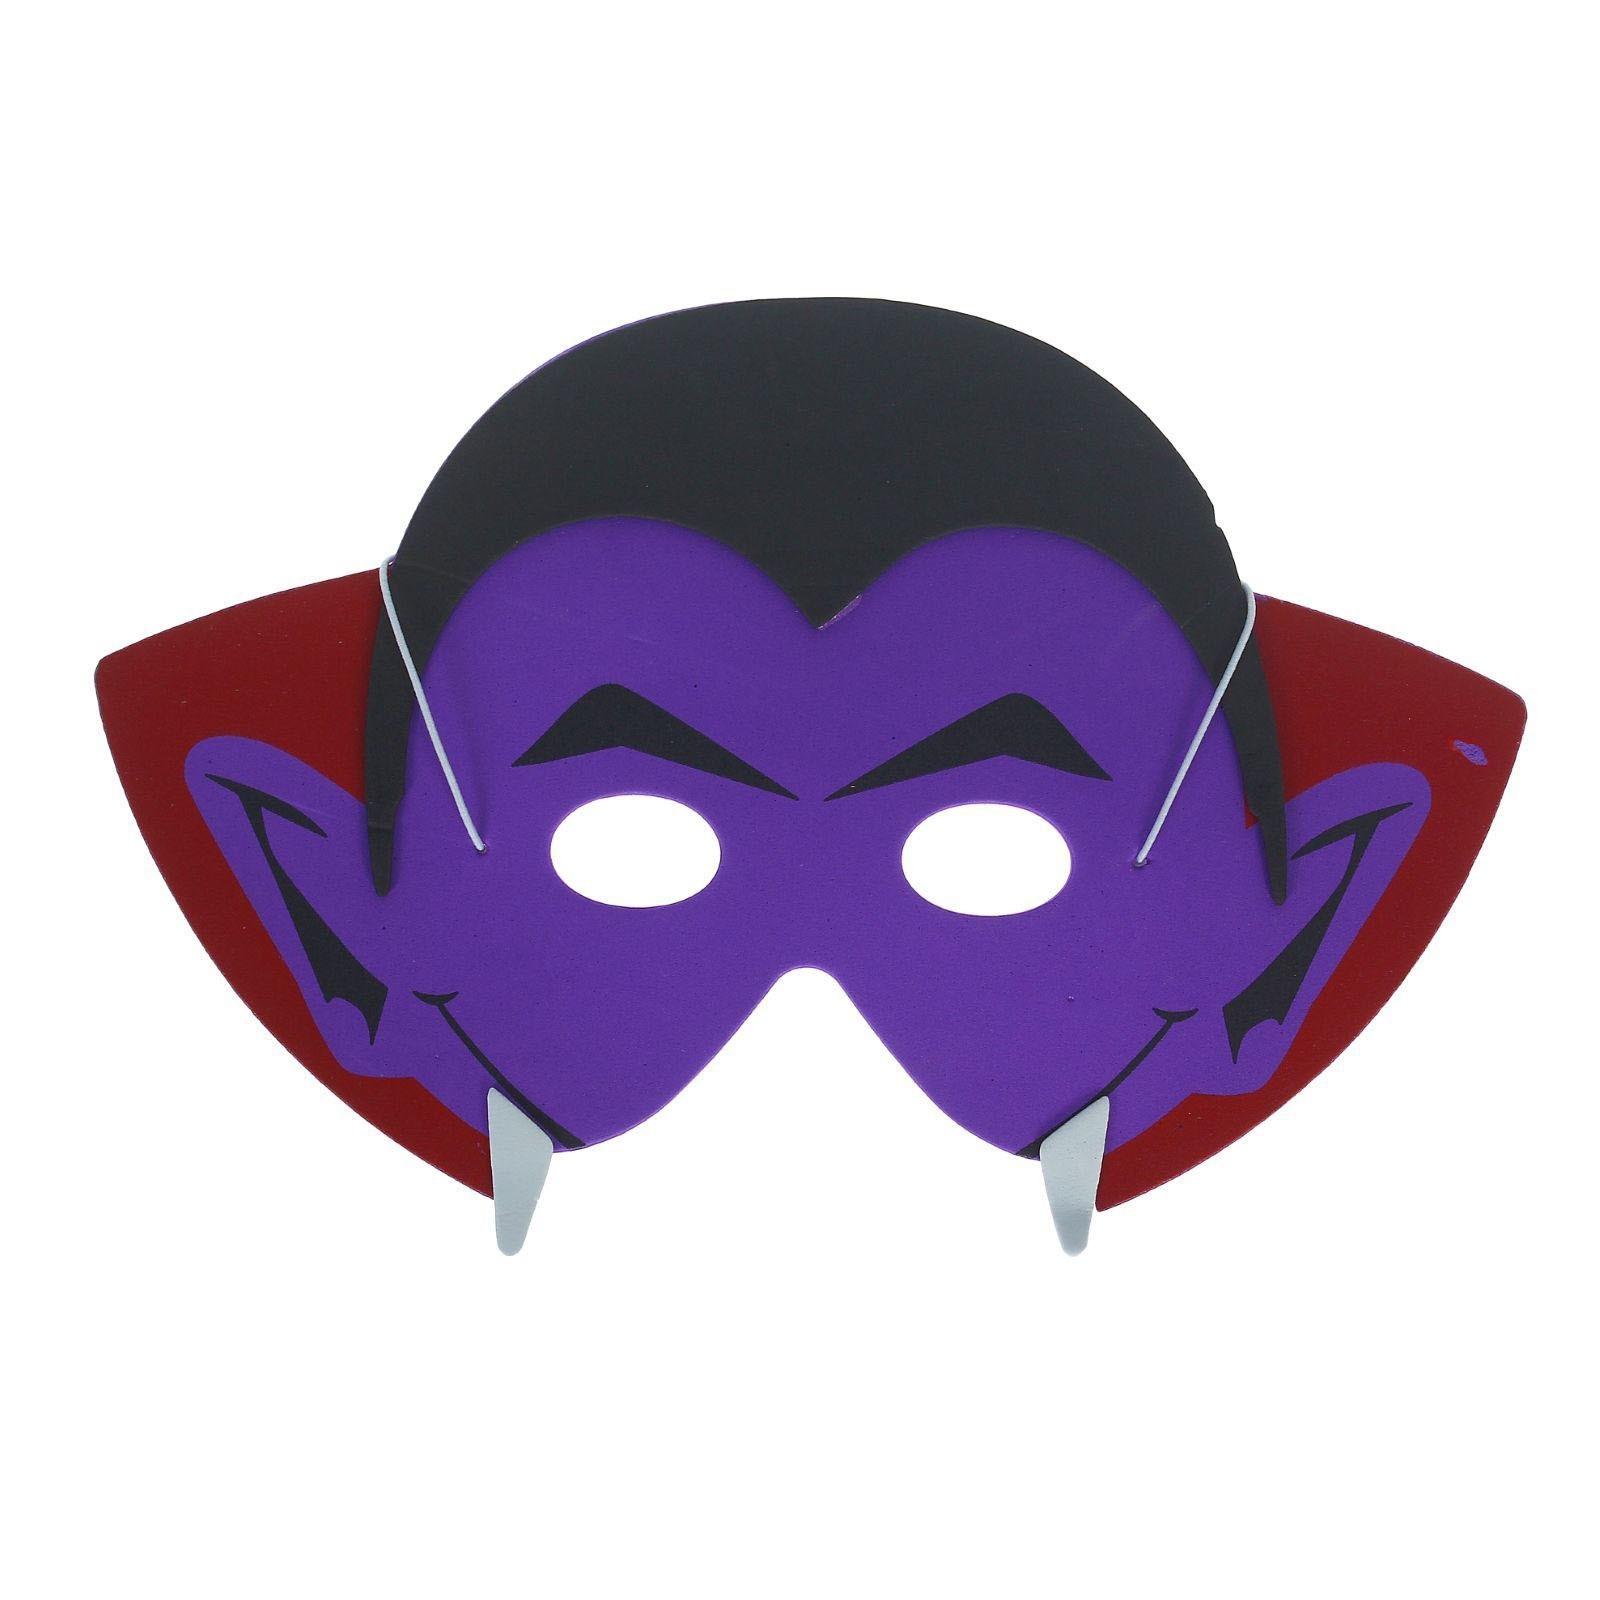 Детская маска Вампир - купить в интернет-магазине ... - photo#39